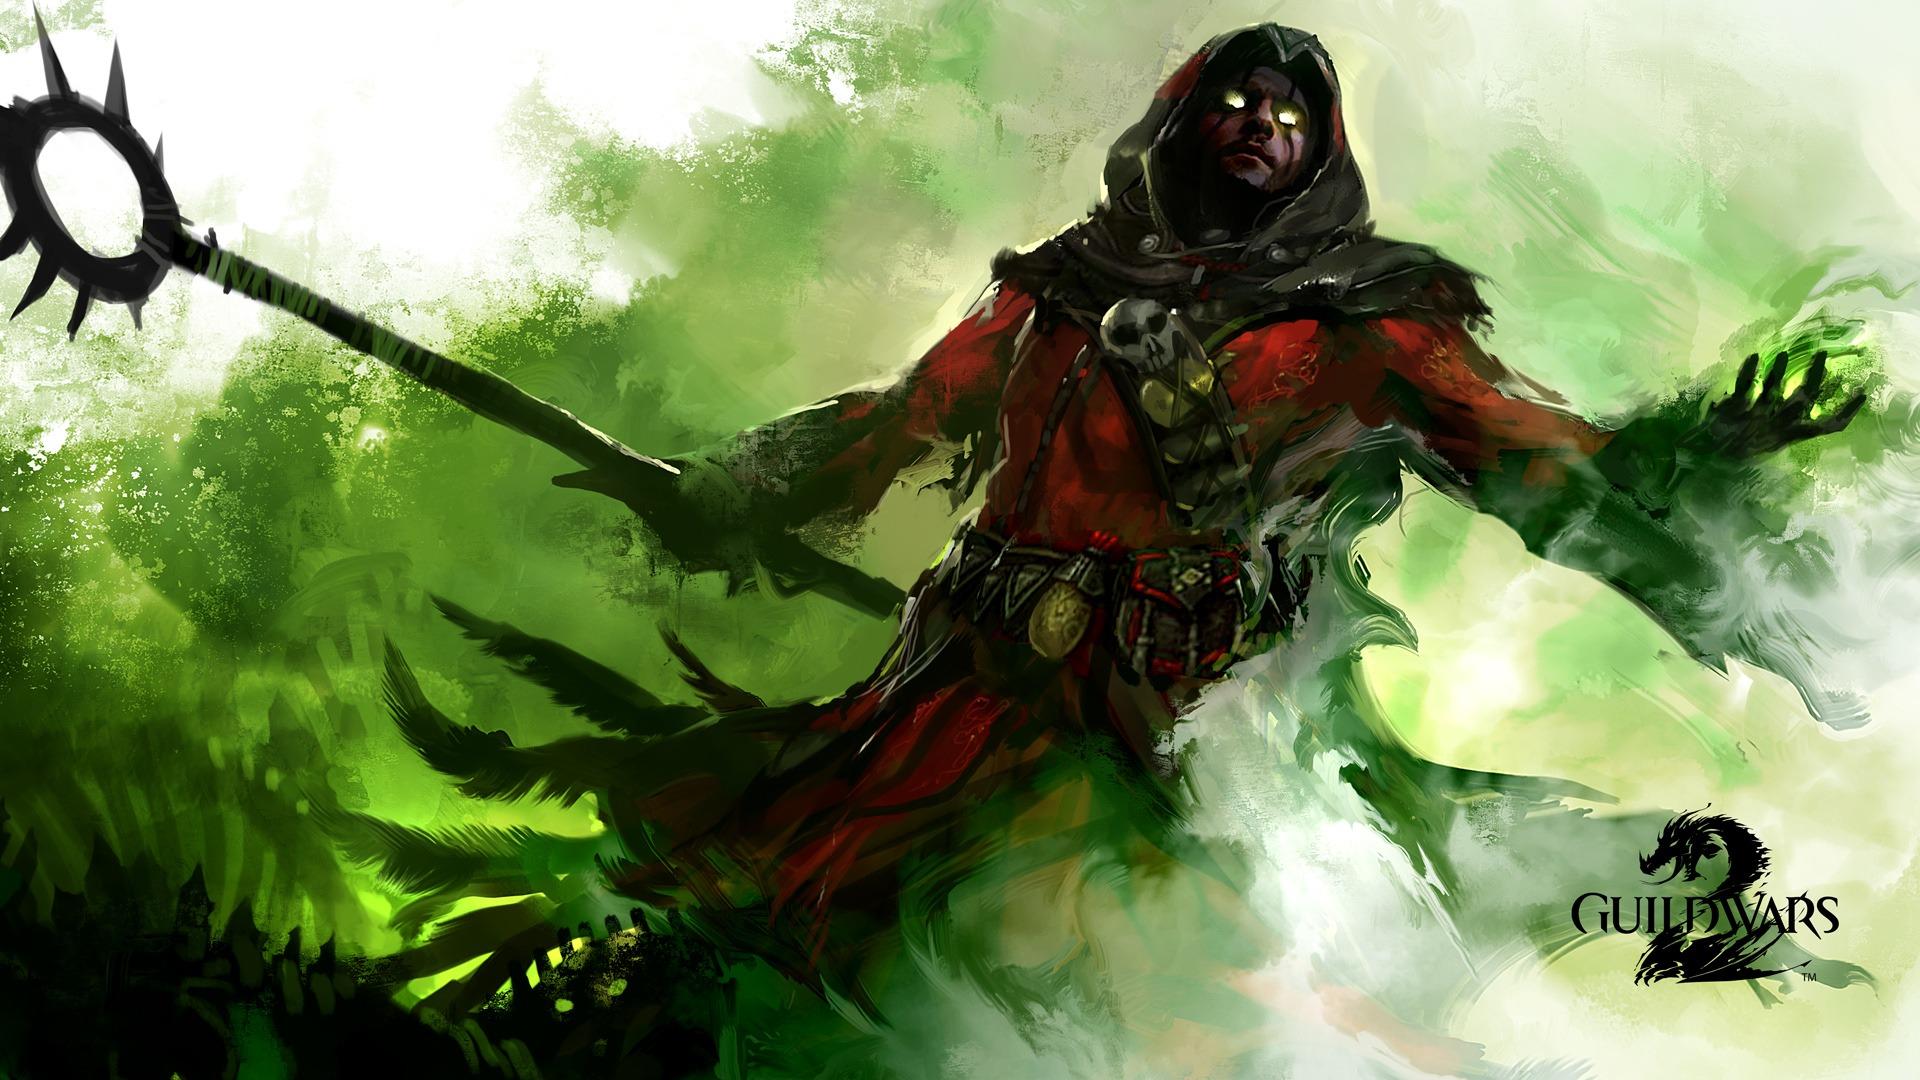 Guild-Wars-Sorcerer-wallpaper-wpc9005679